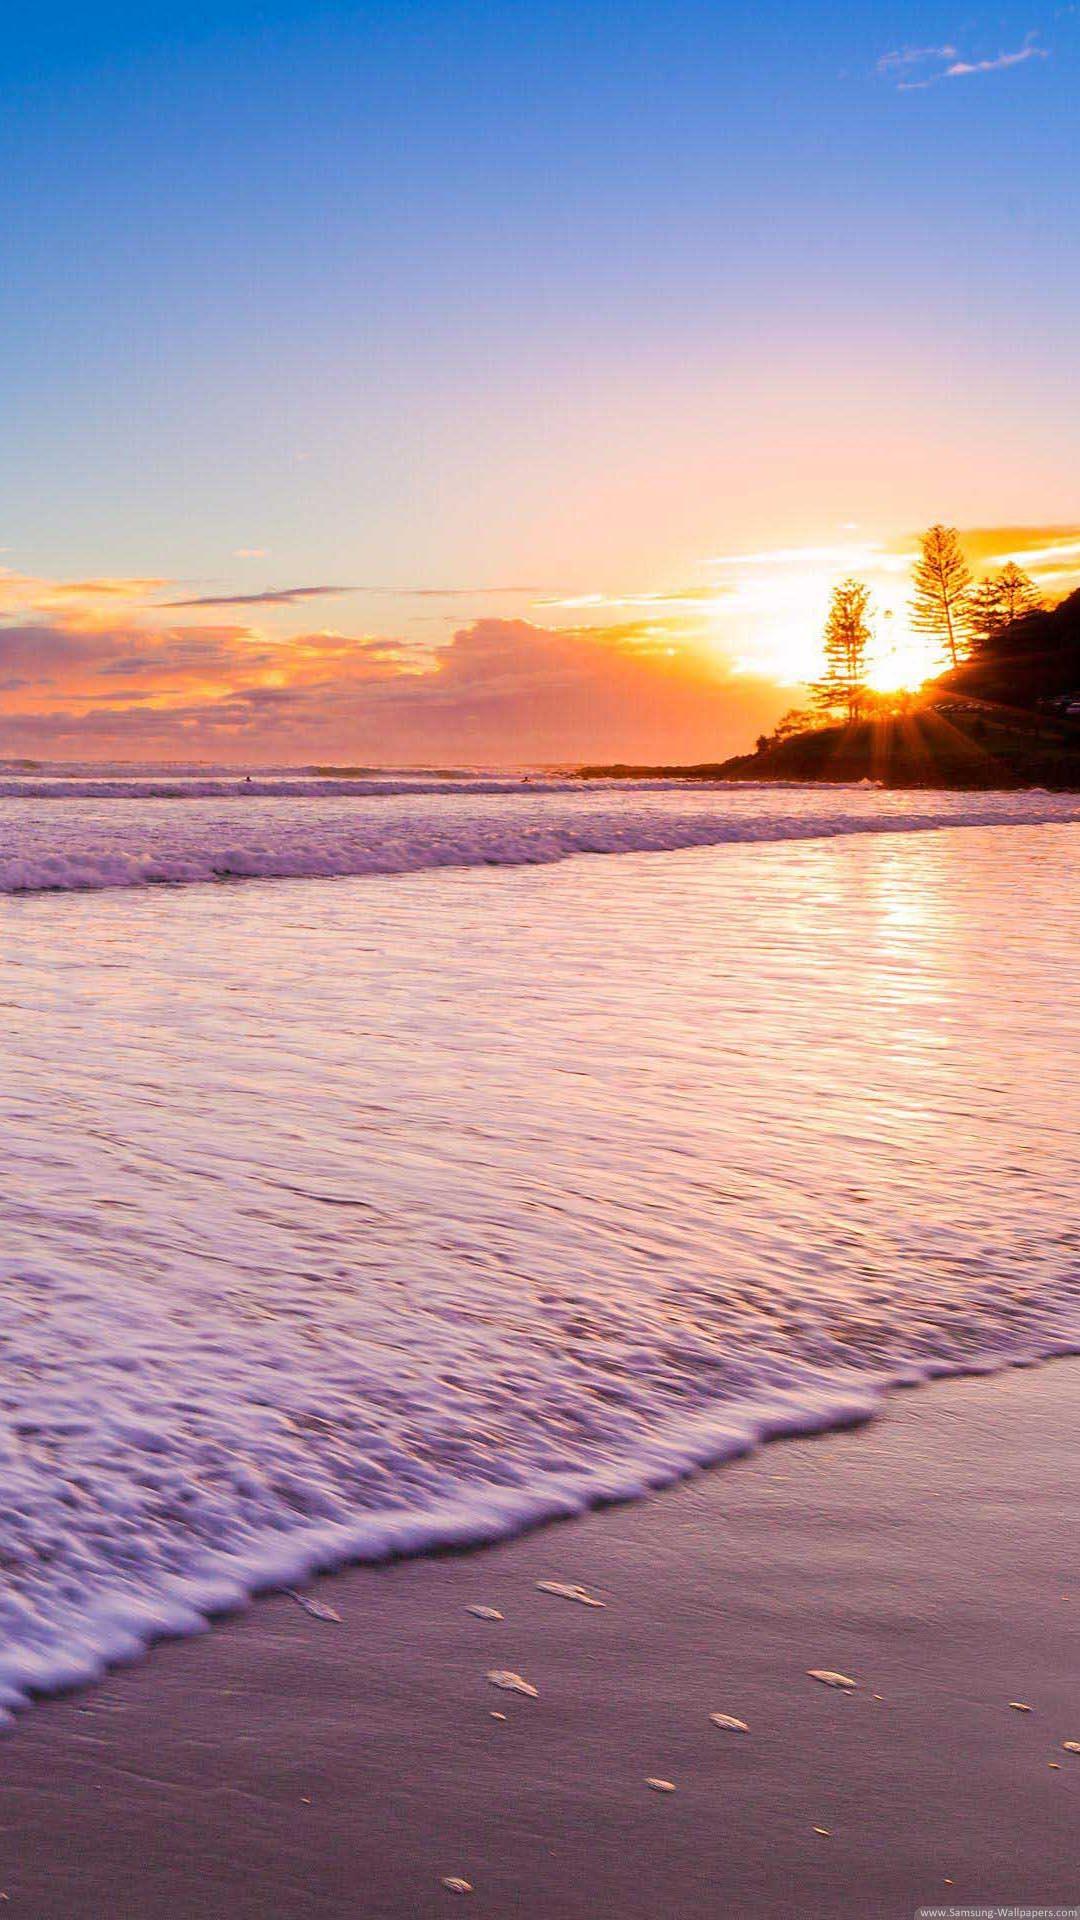 Sunset Beach Wallpaper (70+ Images